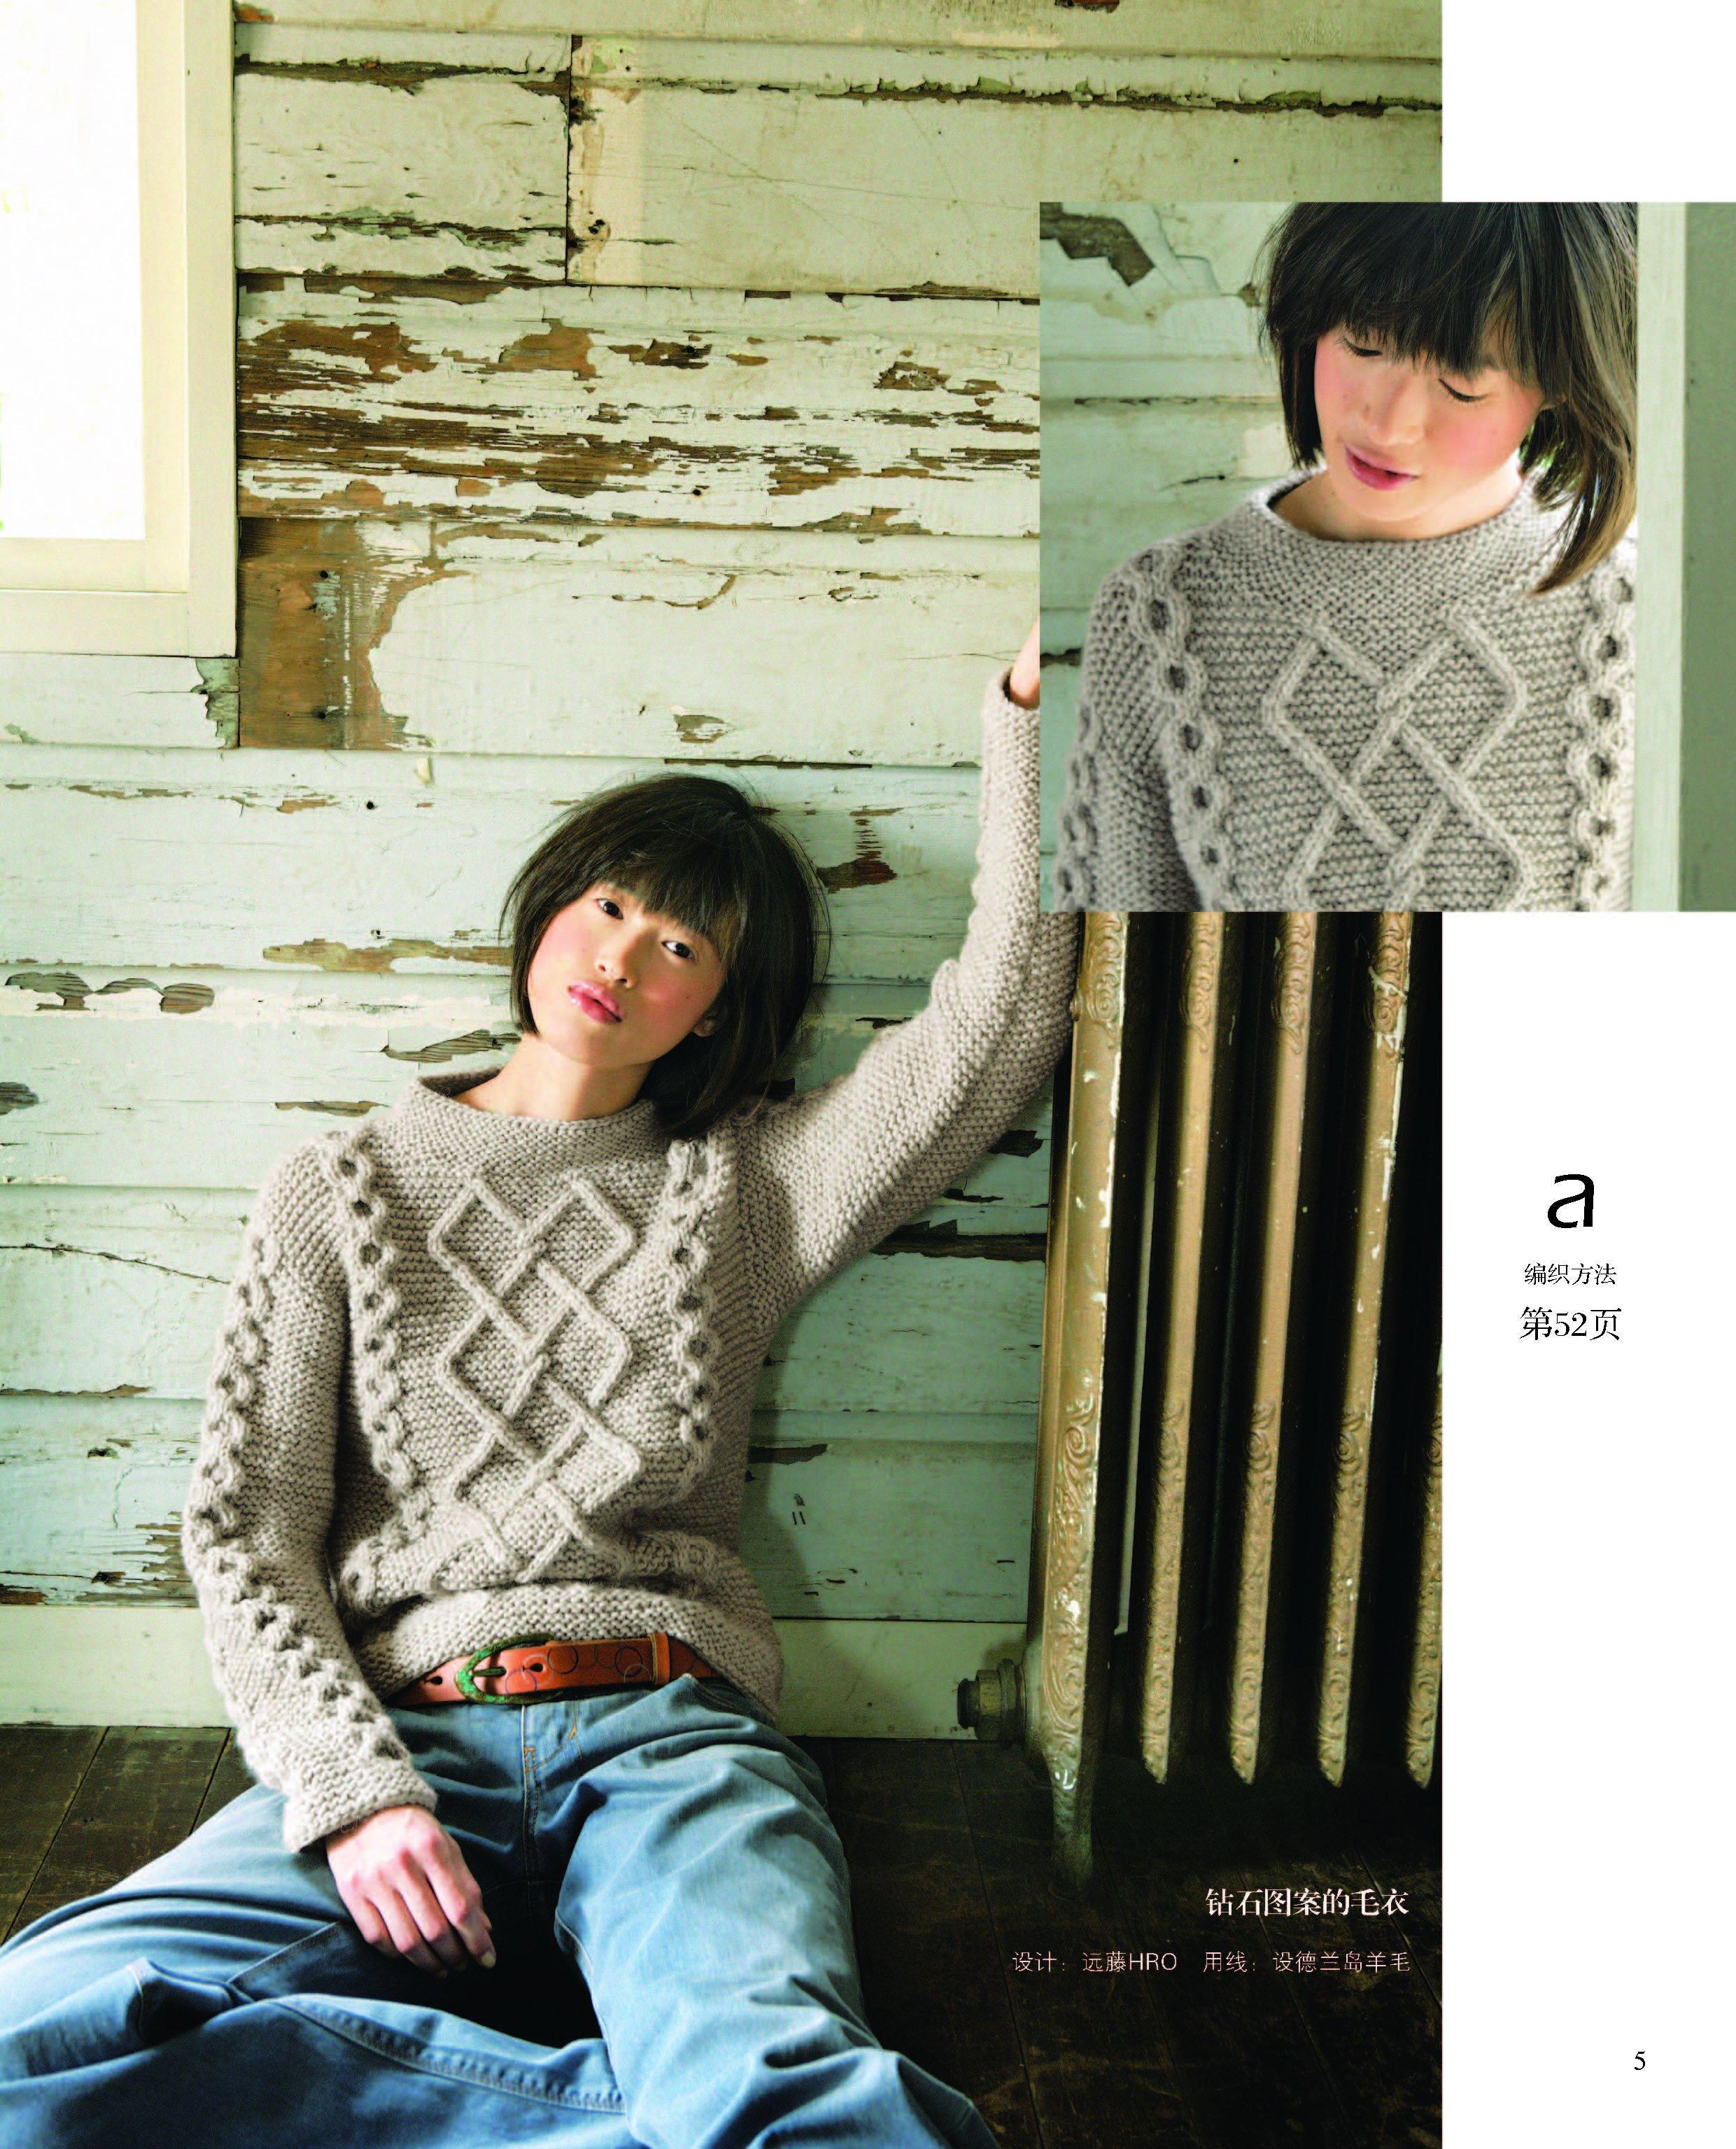 22款北欧阿伦花样的手编毛衣&小物-清晰全书版_页面_03.jpg